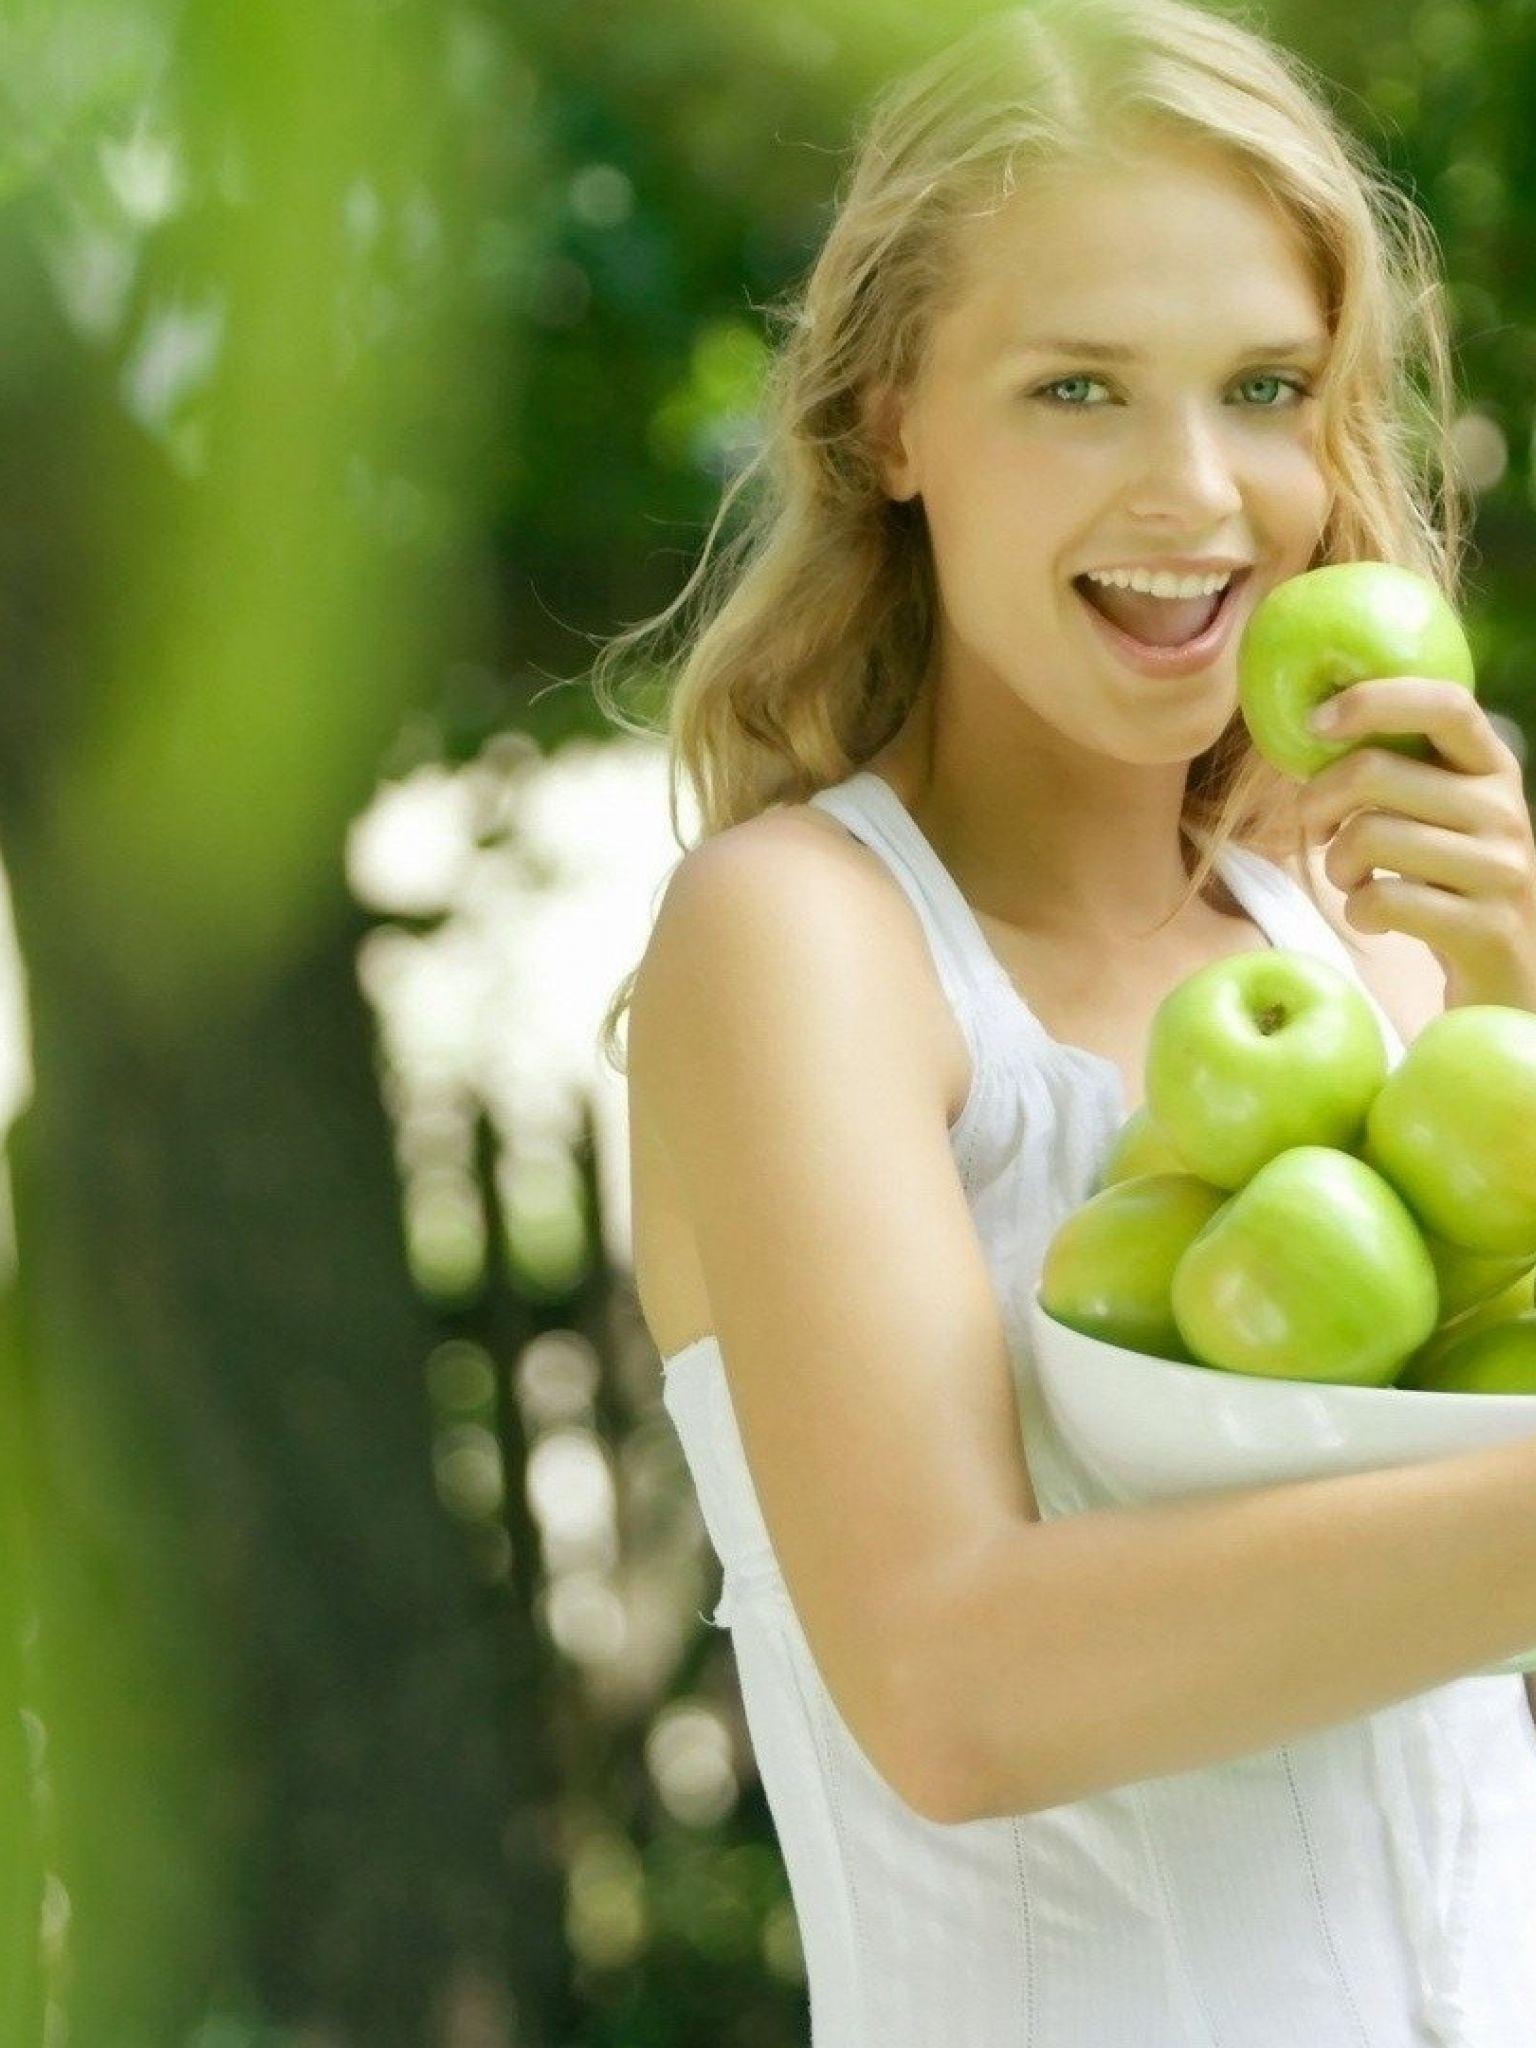 Сонник срывать зеленые яблоки к беременности